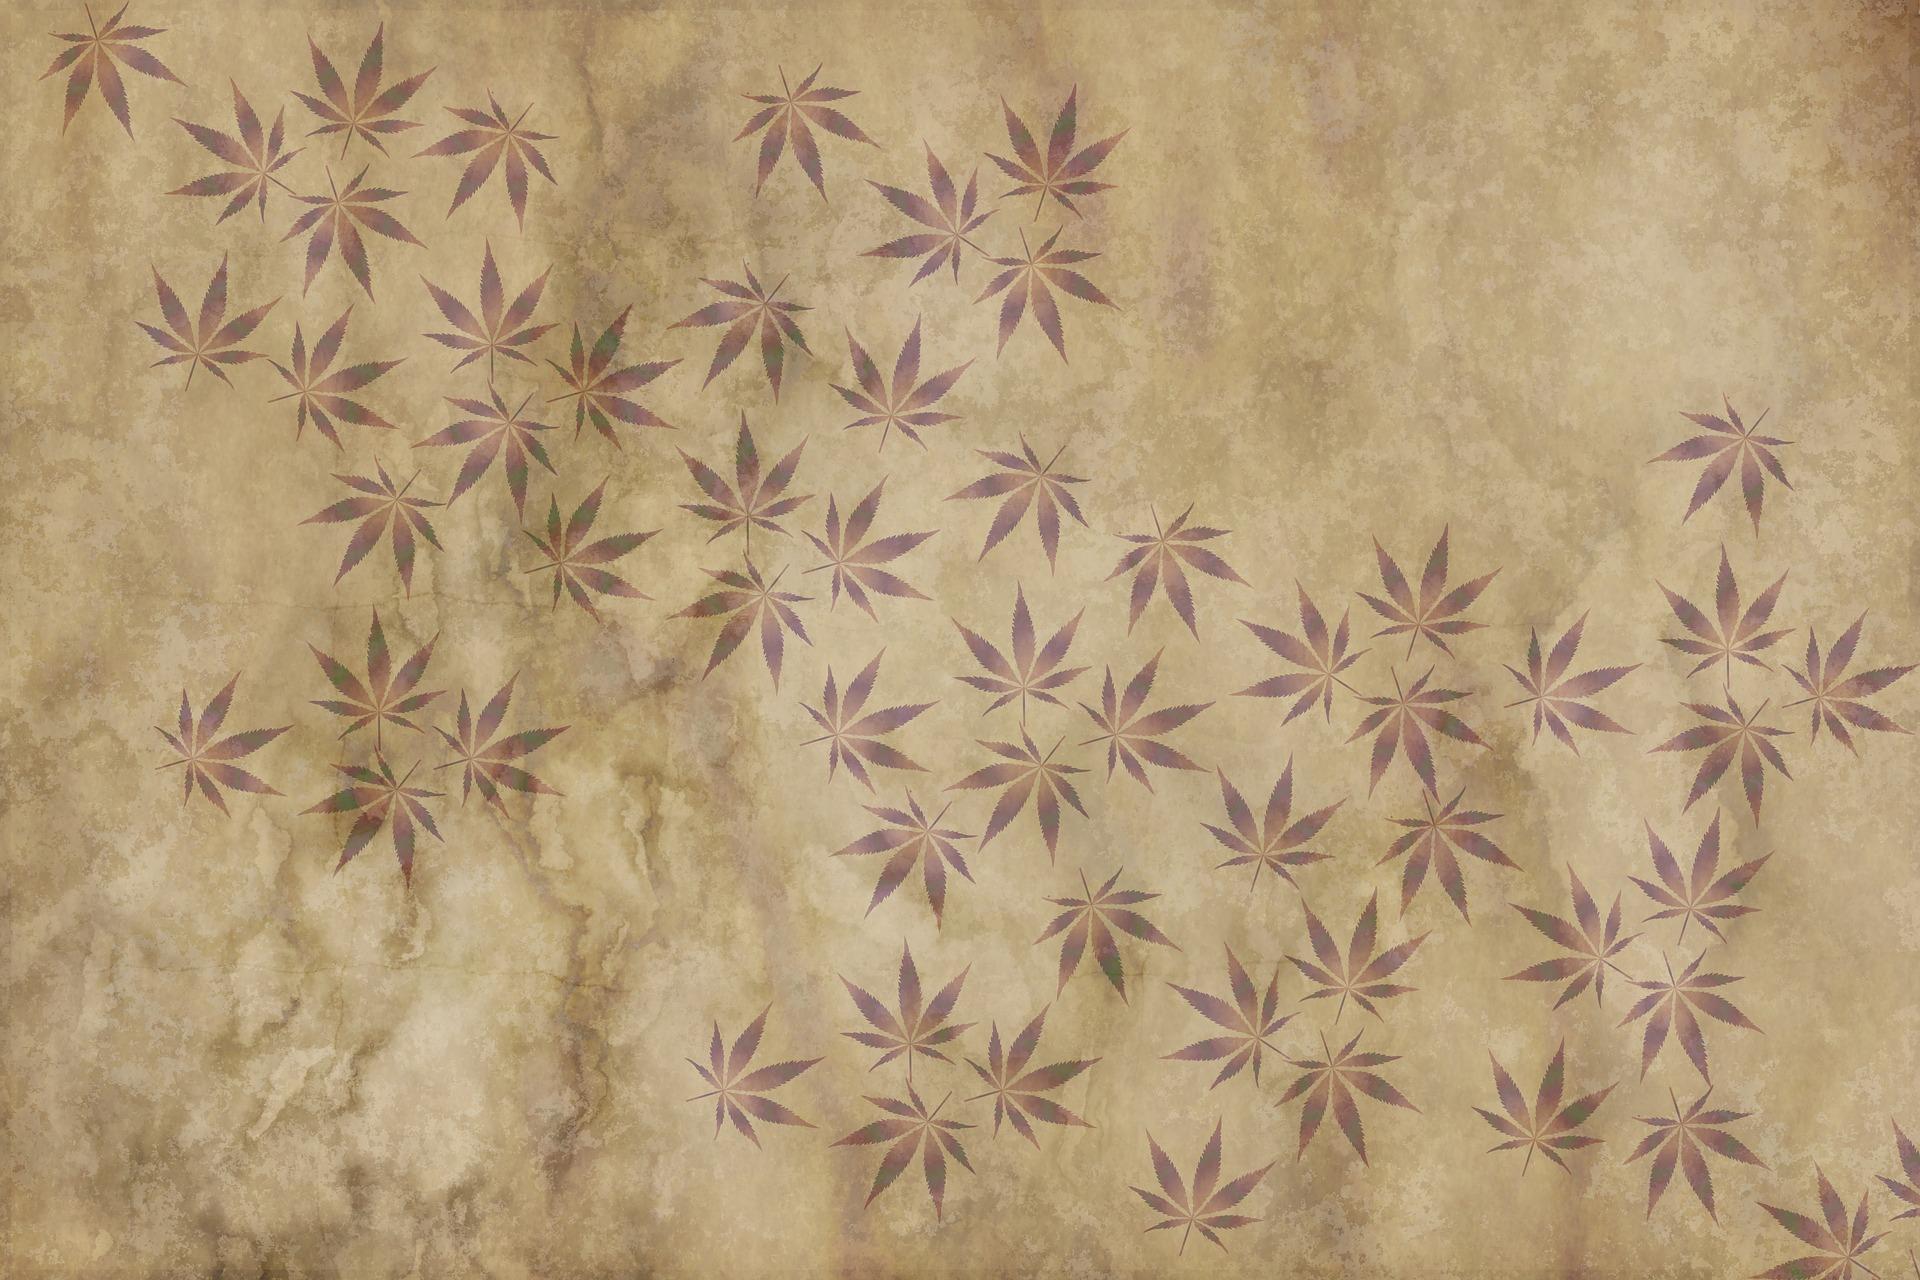 parchment-2245345_1920